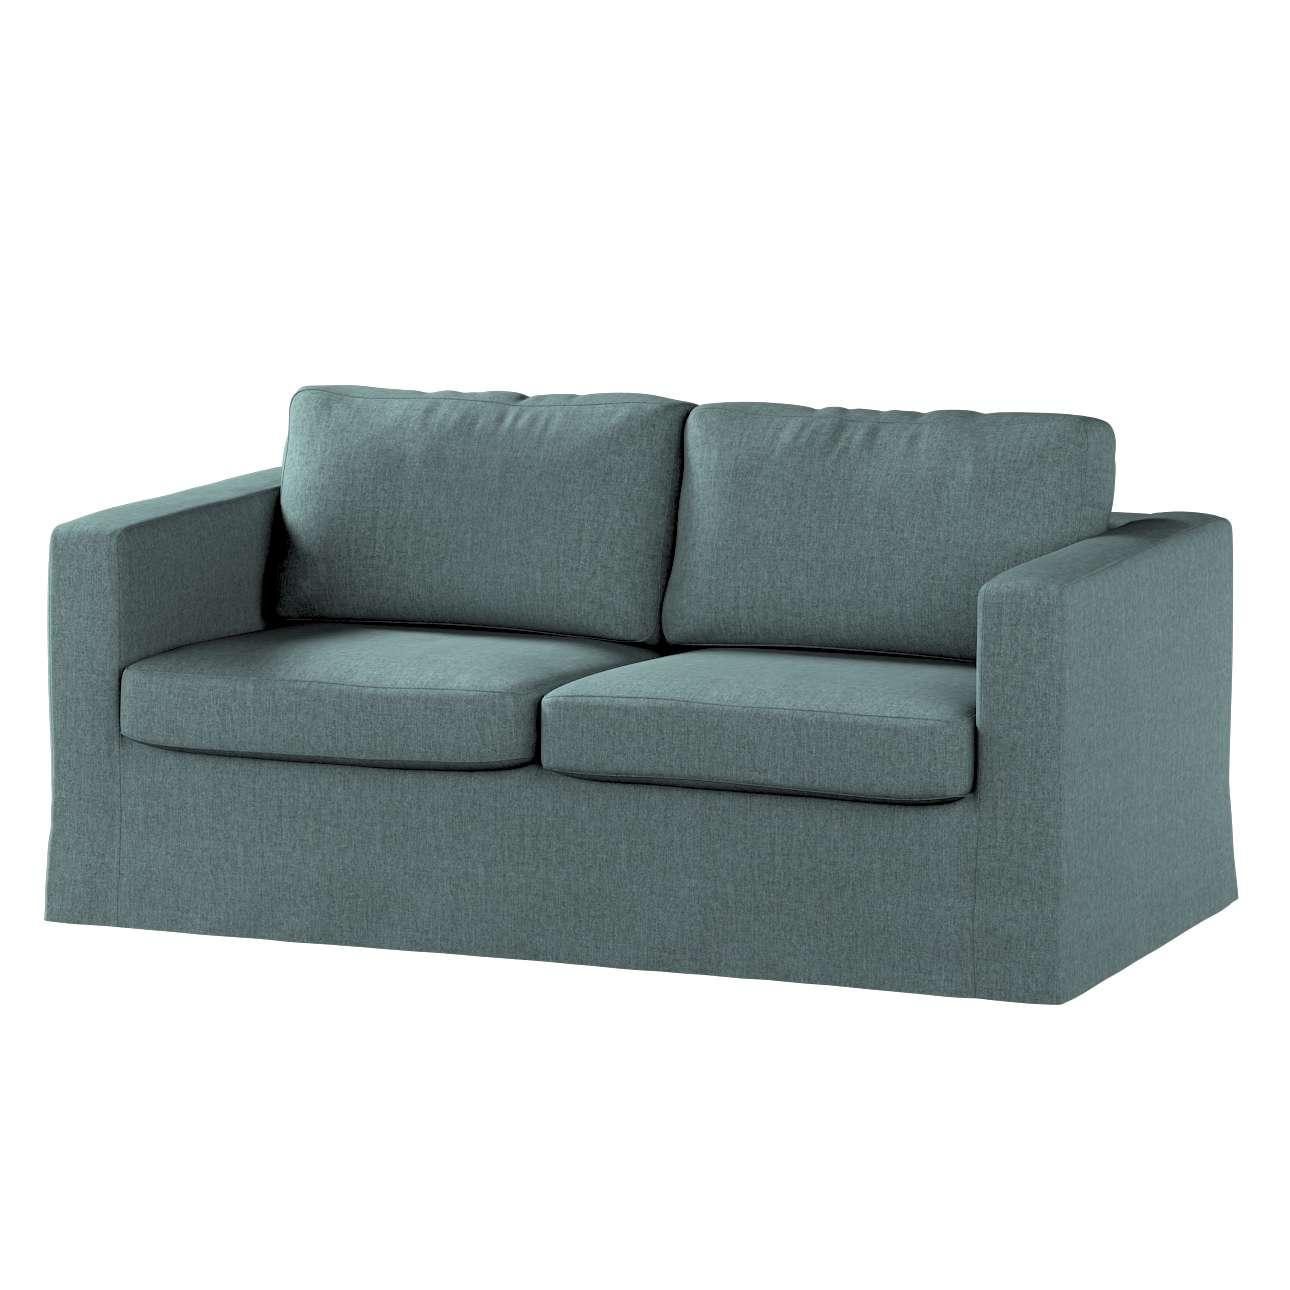 Pokrowiec na sofę Karlstad 2-osobową nierozkładaną długi w kolekcji City, tkanina: 704-85